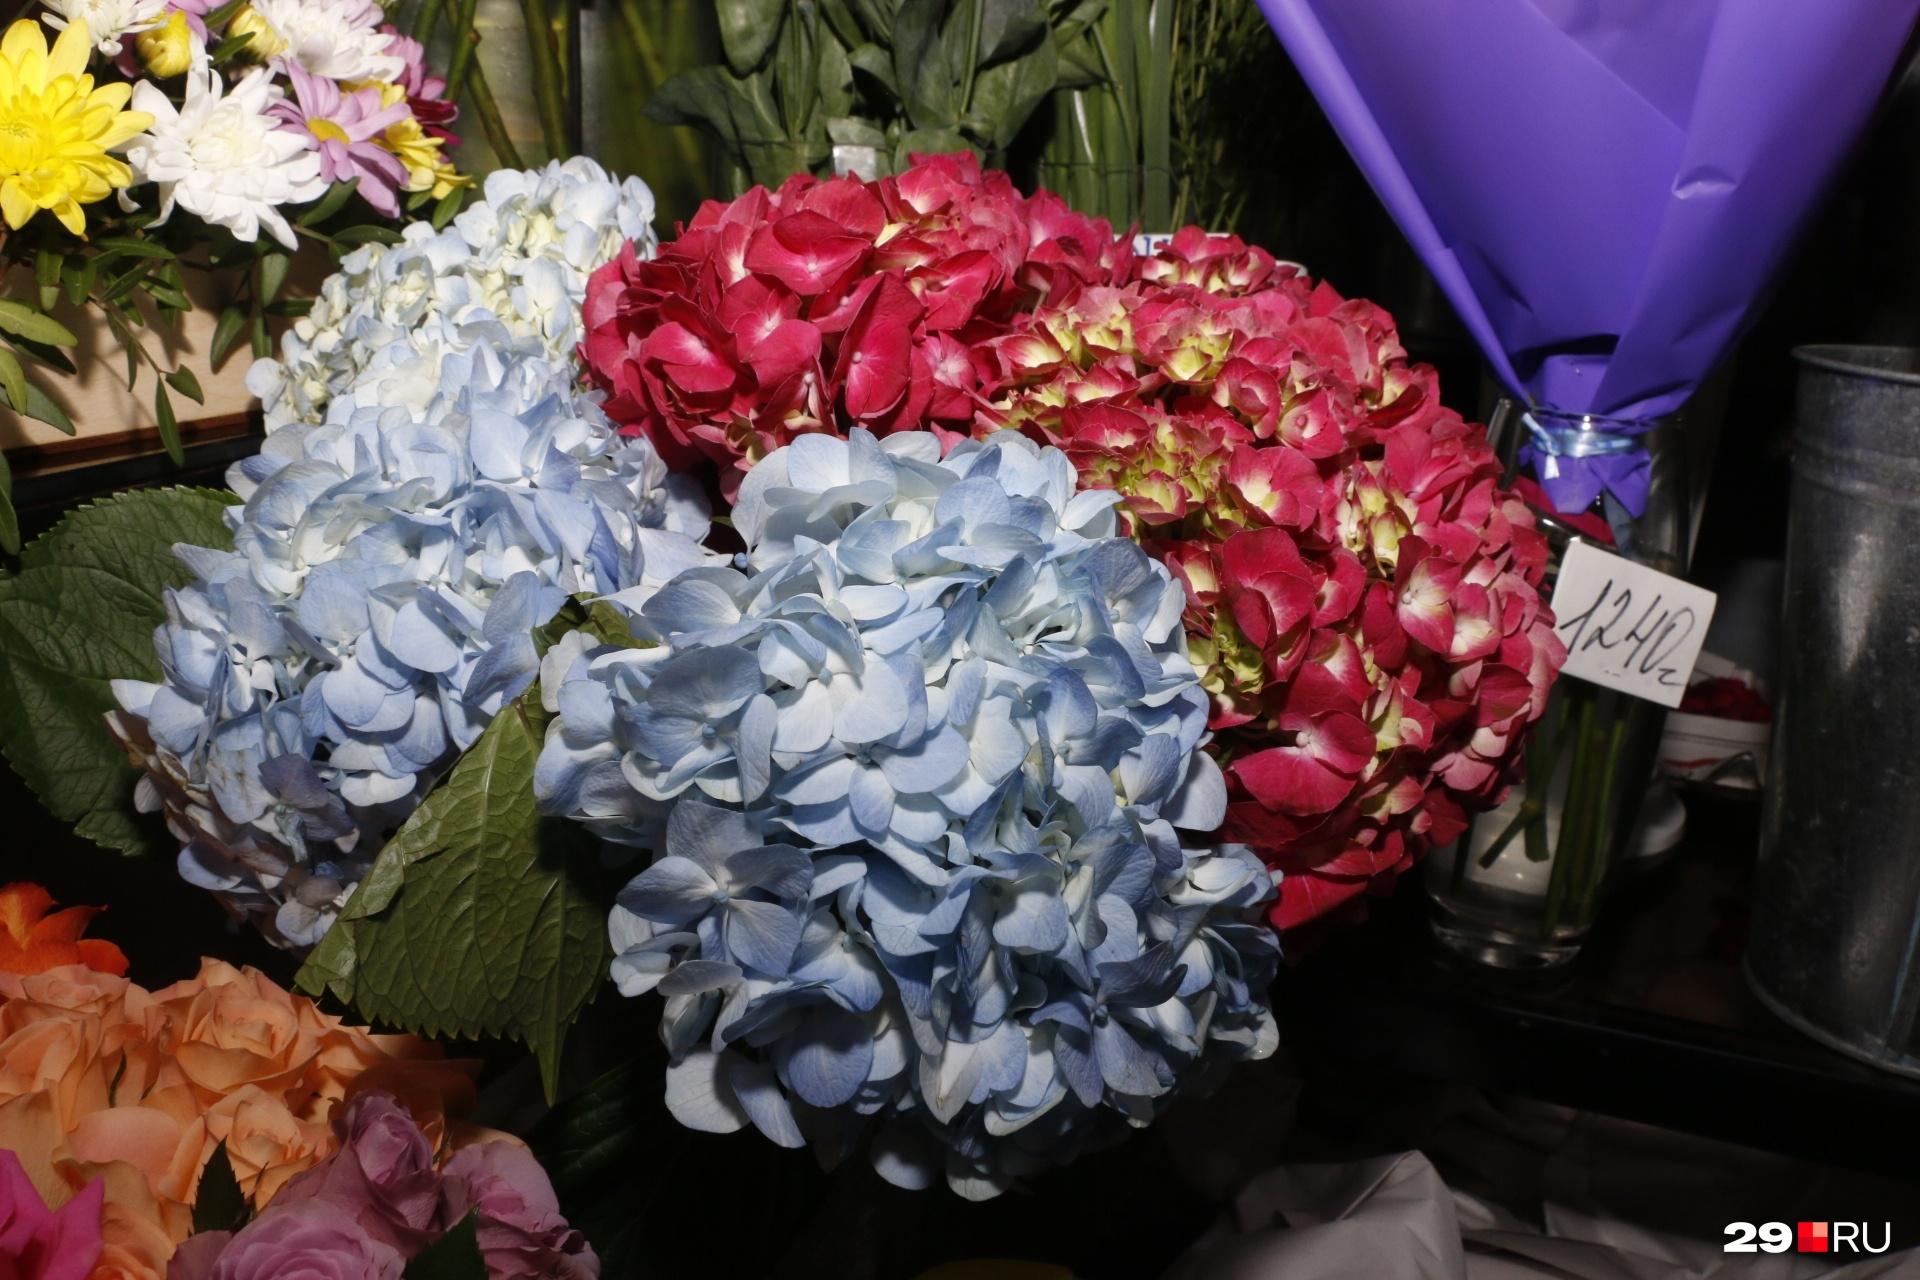 Ваш букет может состоять лишь из гортензии — крупного и самостоятельного цветка. Главное — умело его декорировать